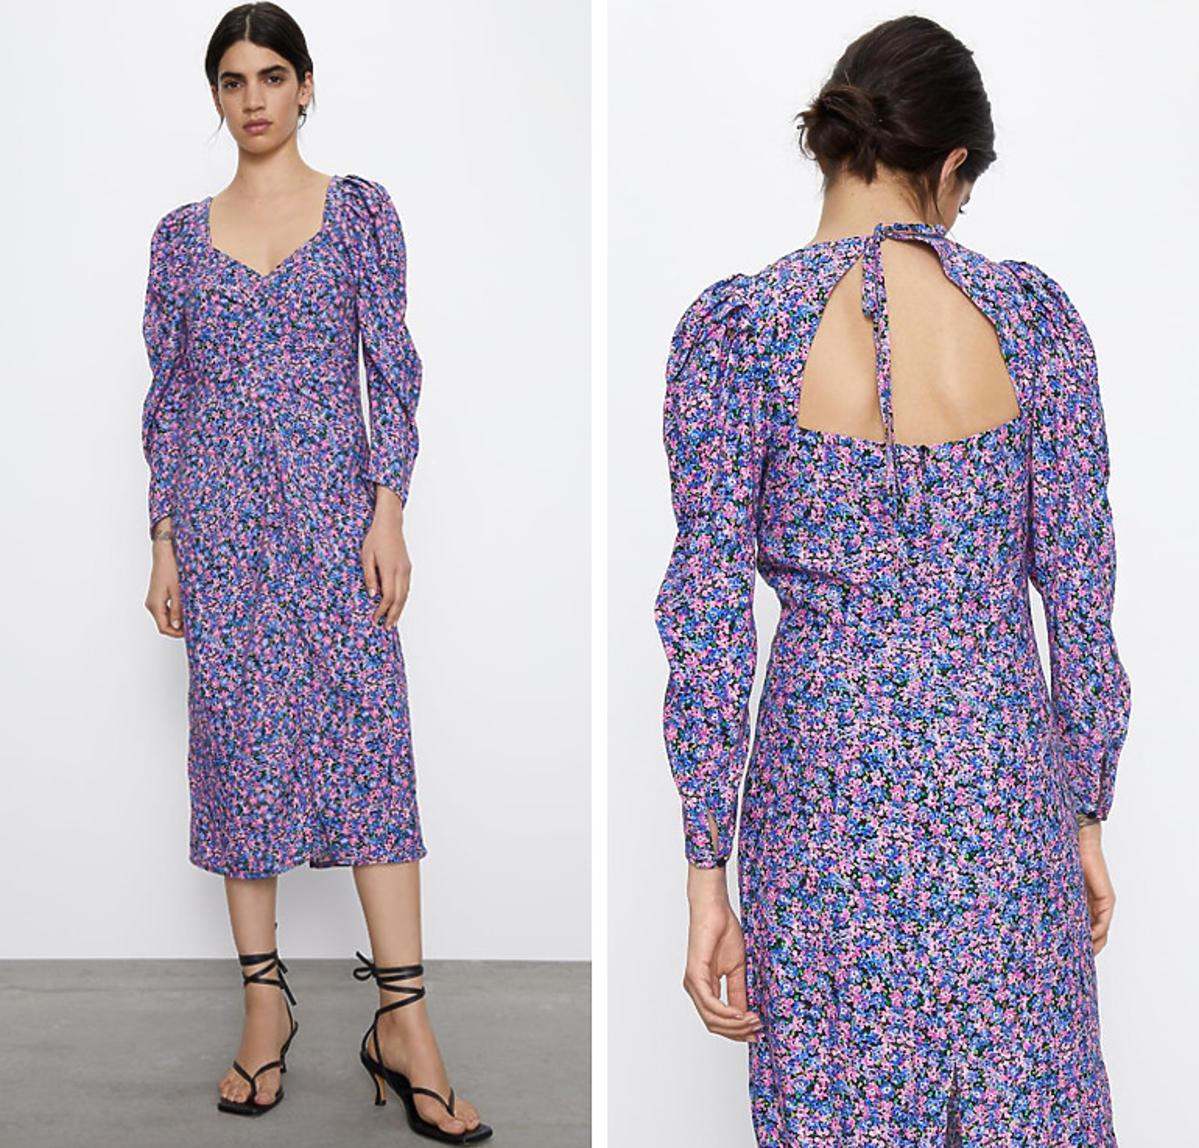 Ta sukienka z Zary z wyprzedaży jest hitem ze względu na dekolt na plecach. Efekt WOW!